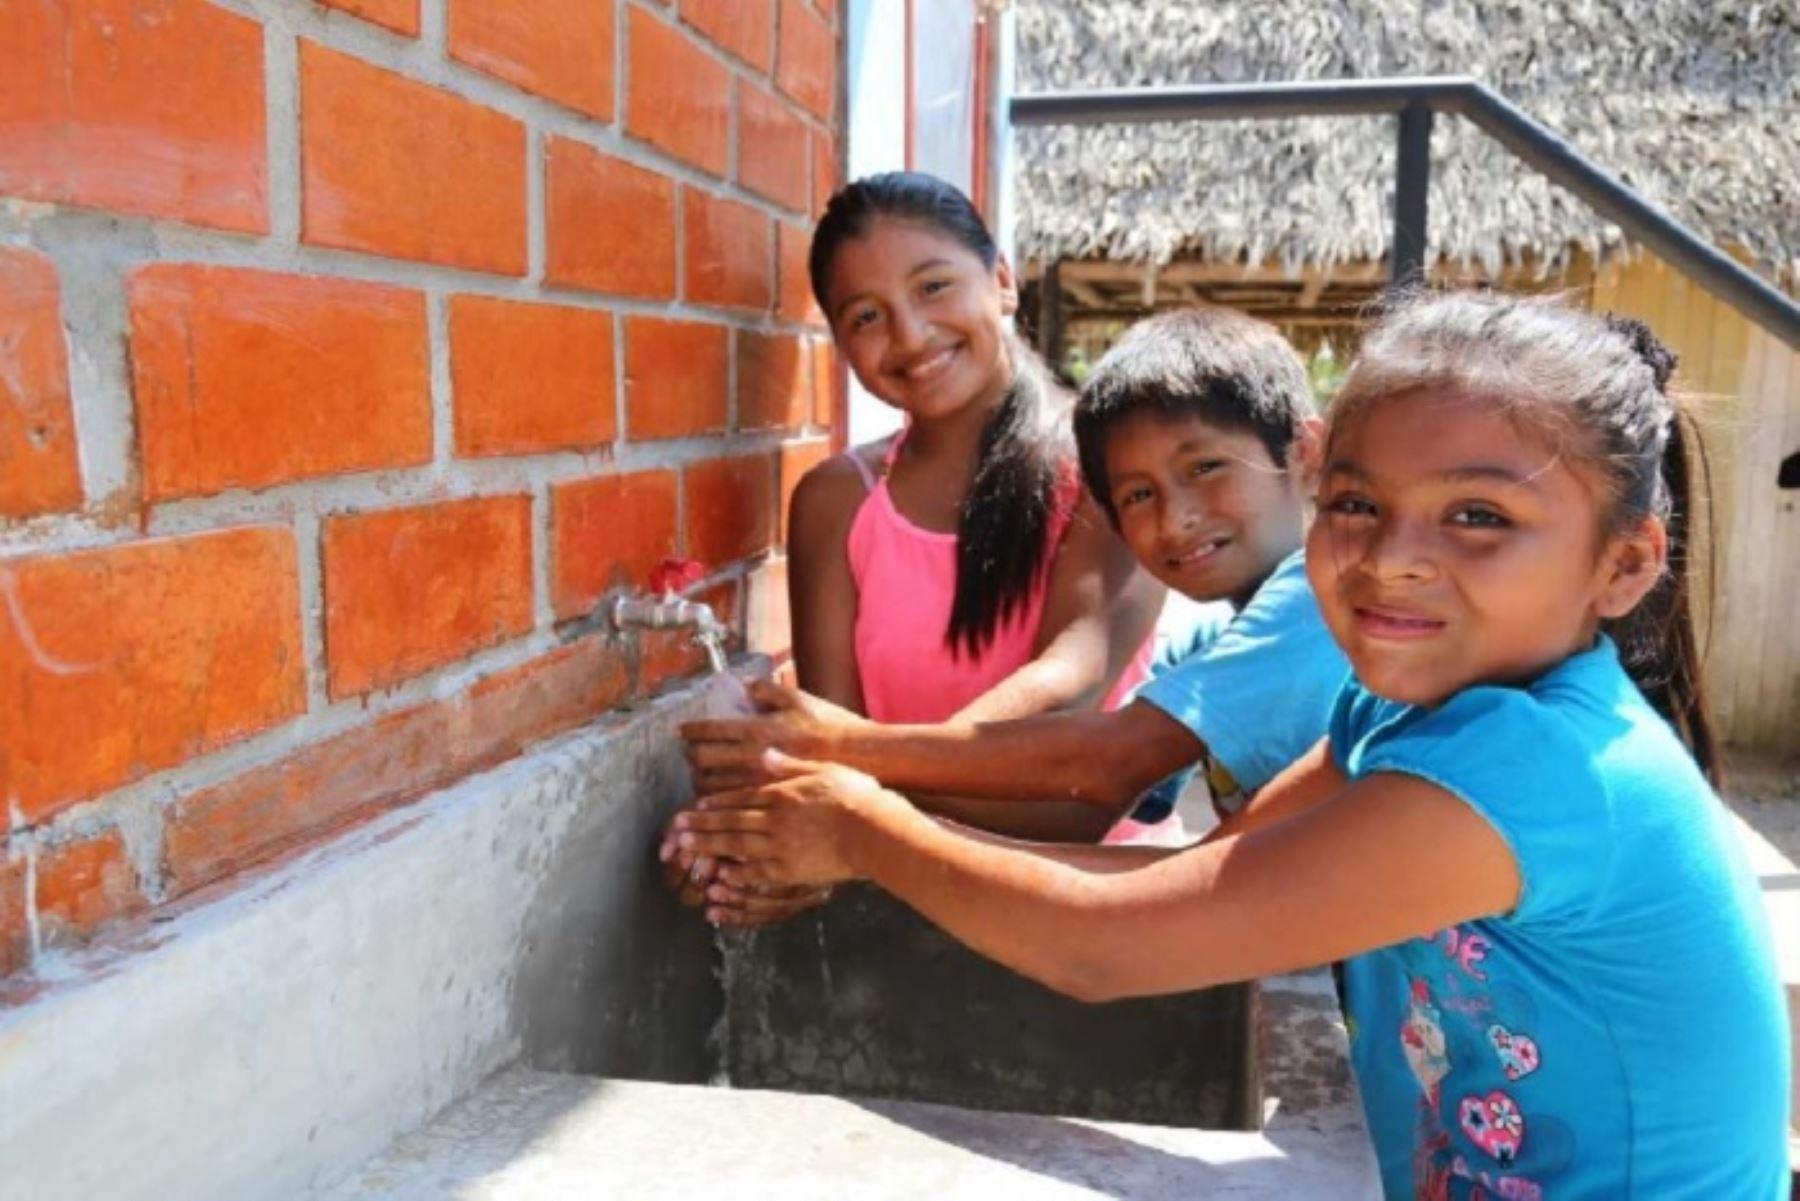 El Ministerio de Vivienda, Construcción y Saneamiento (MVCS) invertirá S/ 3, 393,728.69 en la ejecución de la obra de instalación de los servicios de agua potable y saneamiento básico en la localidad de Pampa de los Silva, en el distrito de la Matanza, provincia de Morropón, región Piura.